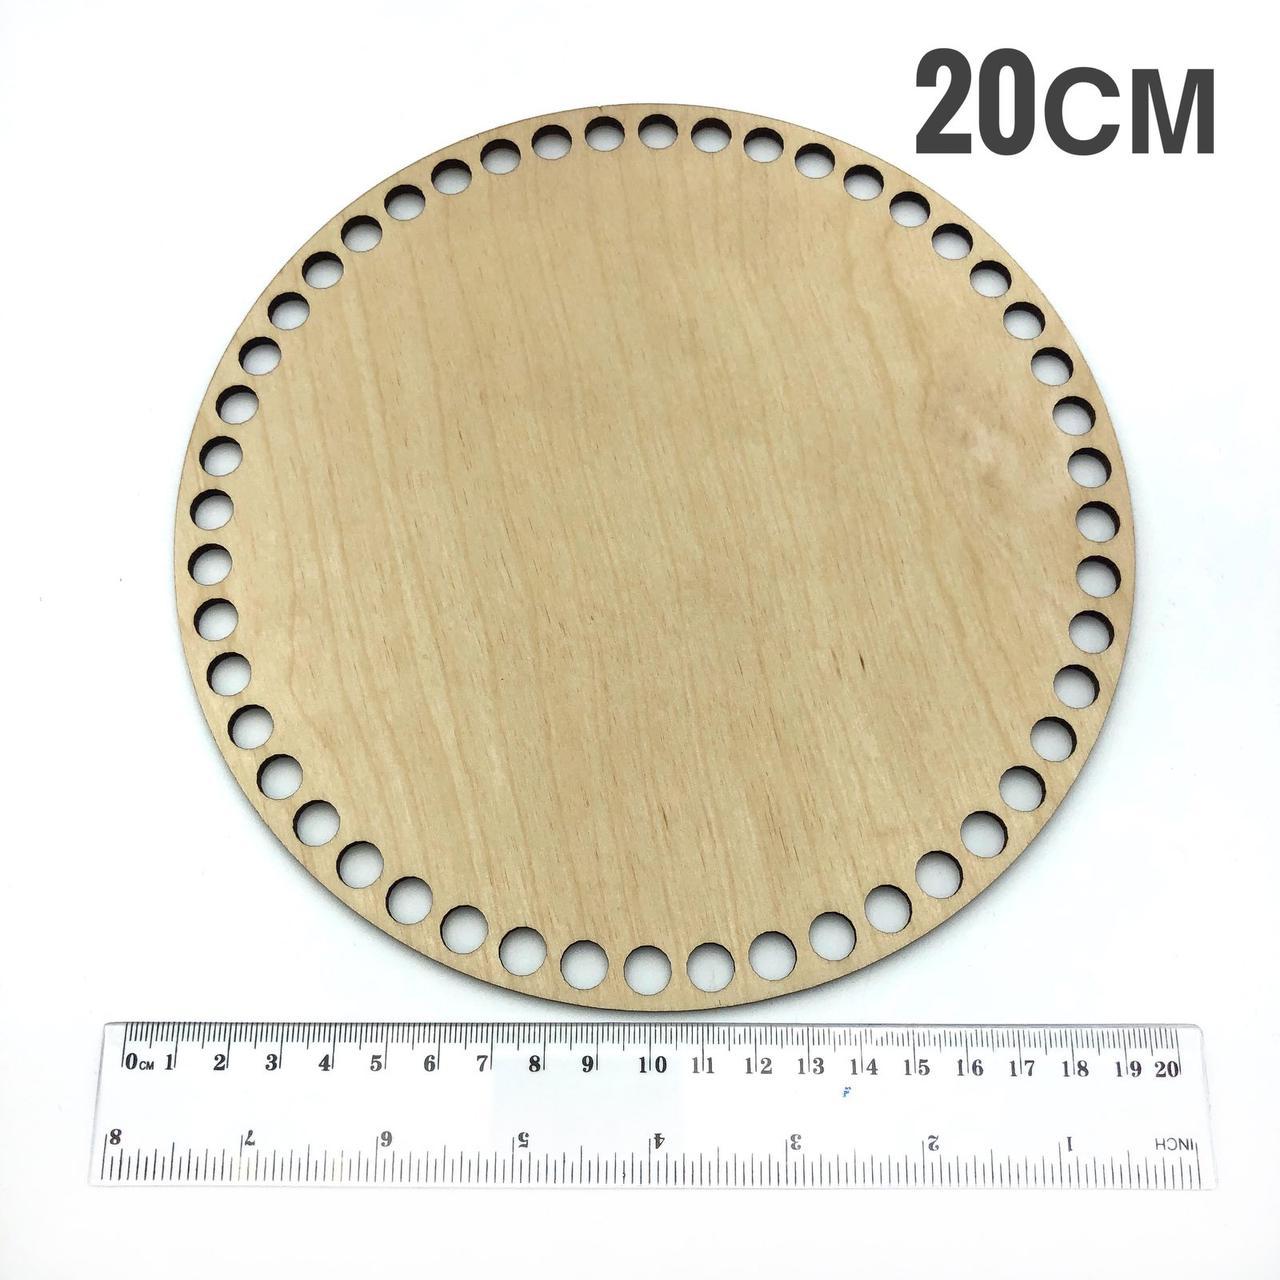 Донышко деревянное круглое с отверстиями для рукоделия диаметр 20 см